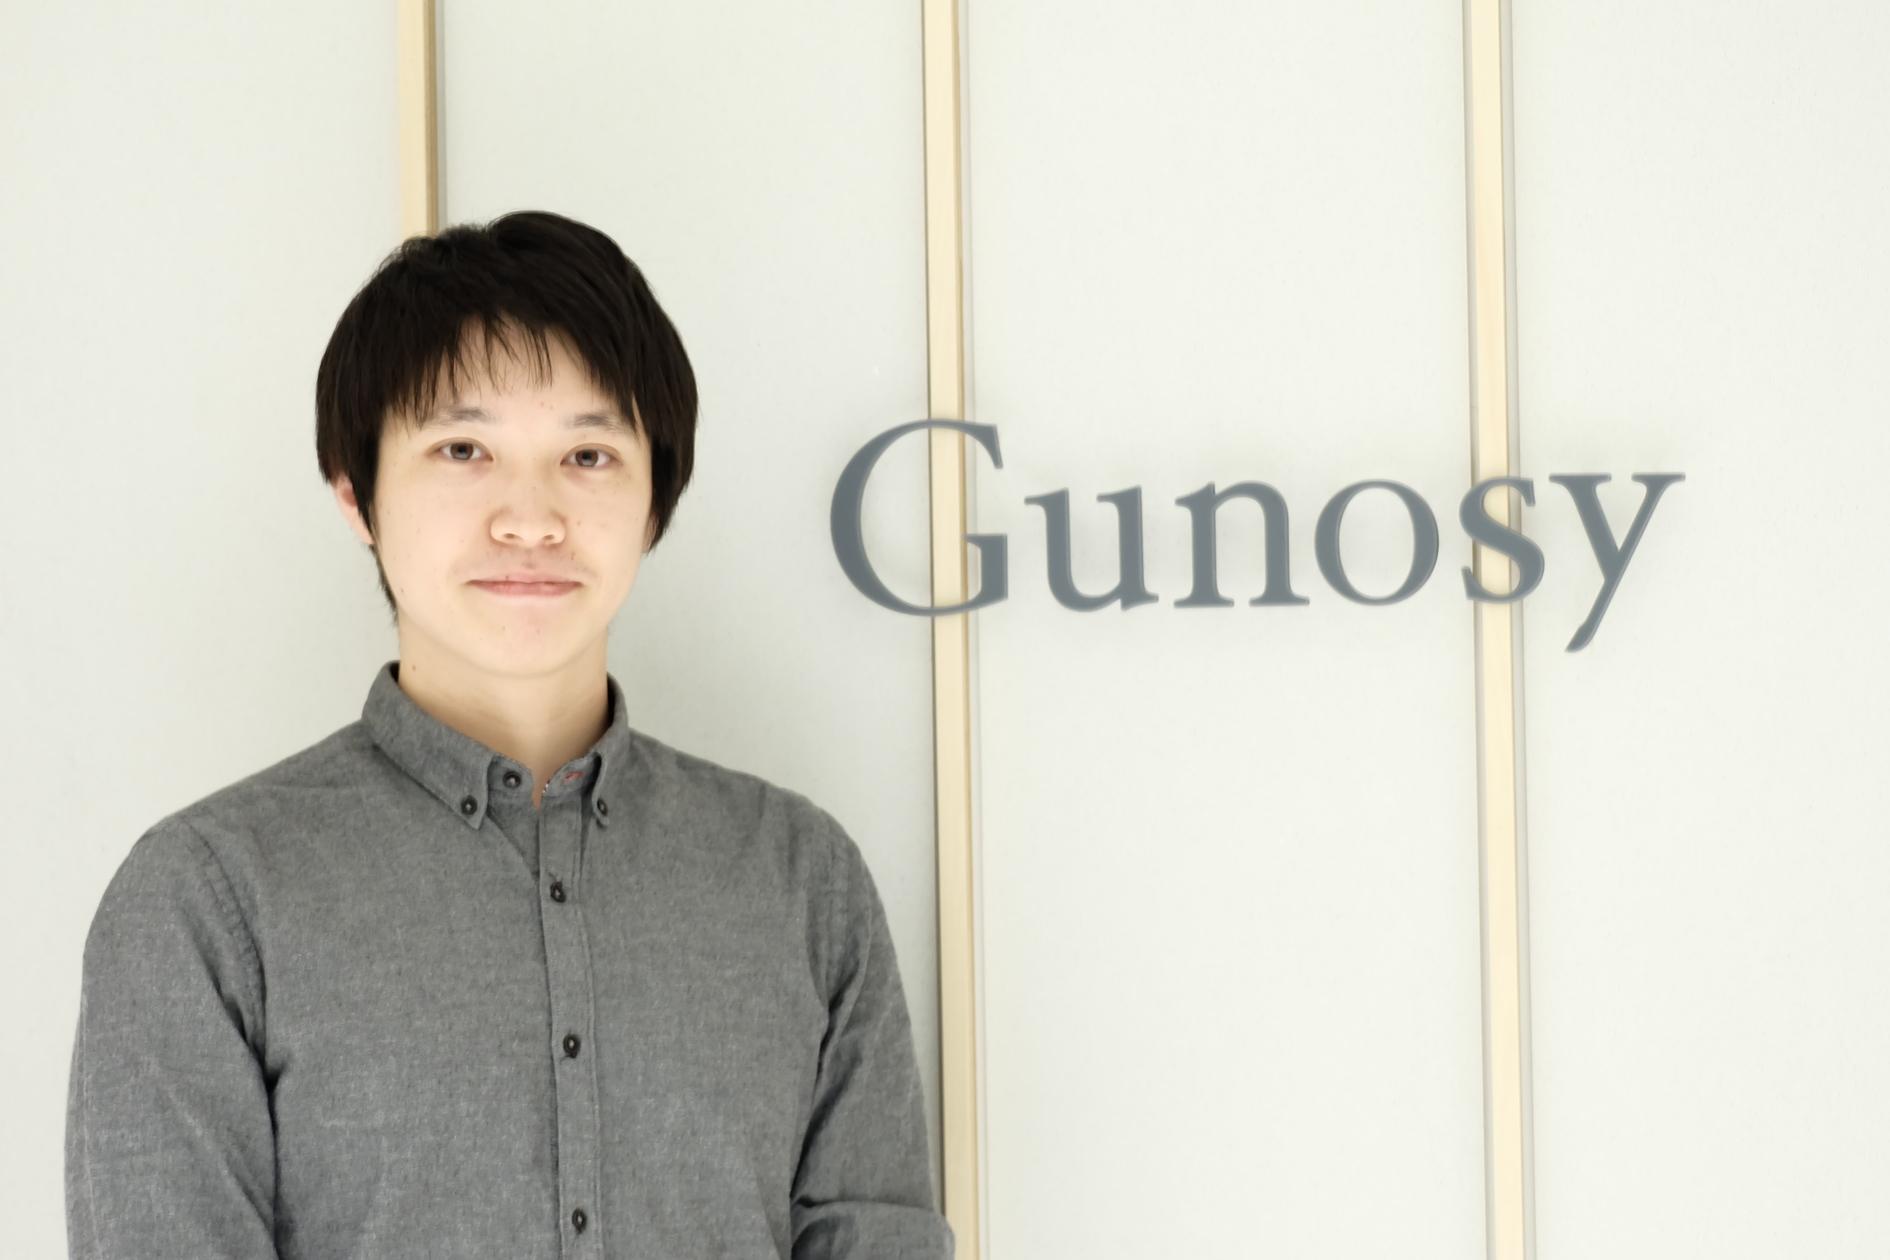 Gunosyにはエンジニアが成長できるデータと環境が揃っている - 松本CTOが作った少数精鋭の組織とは